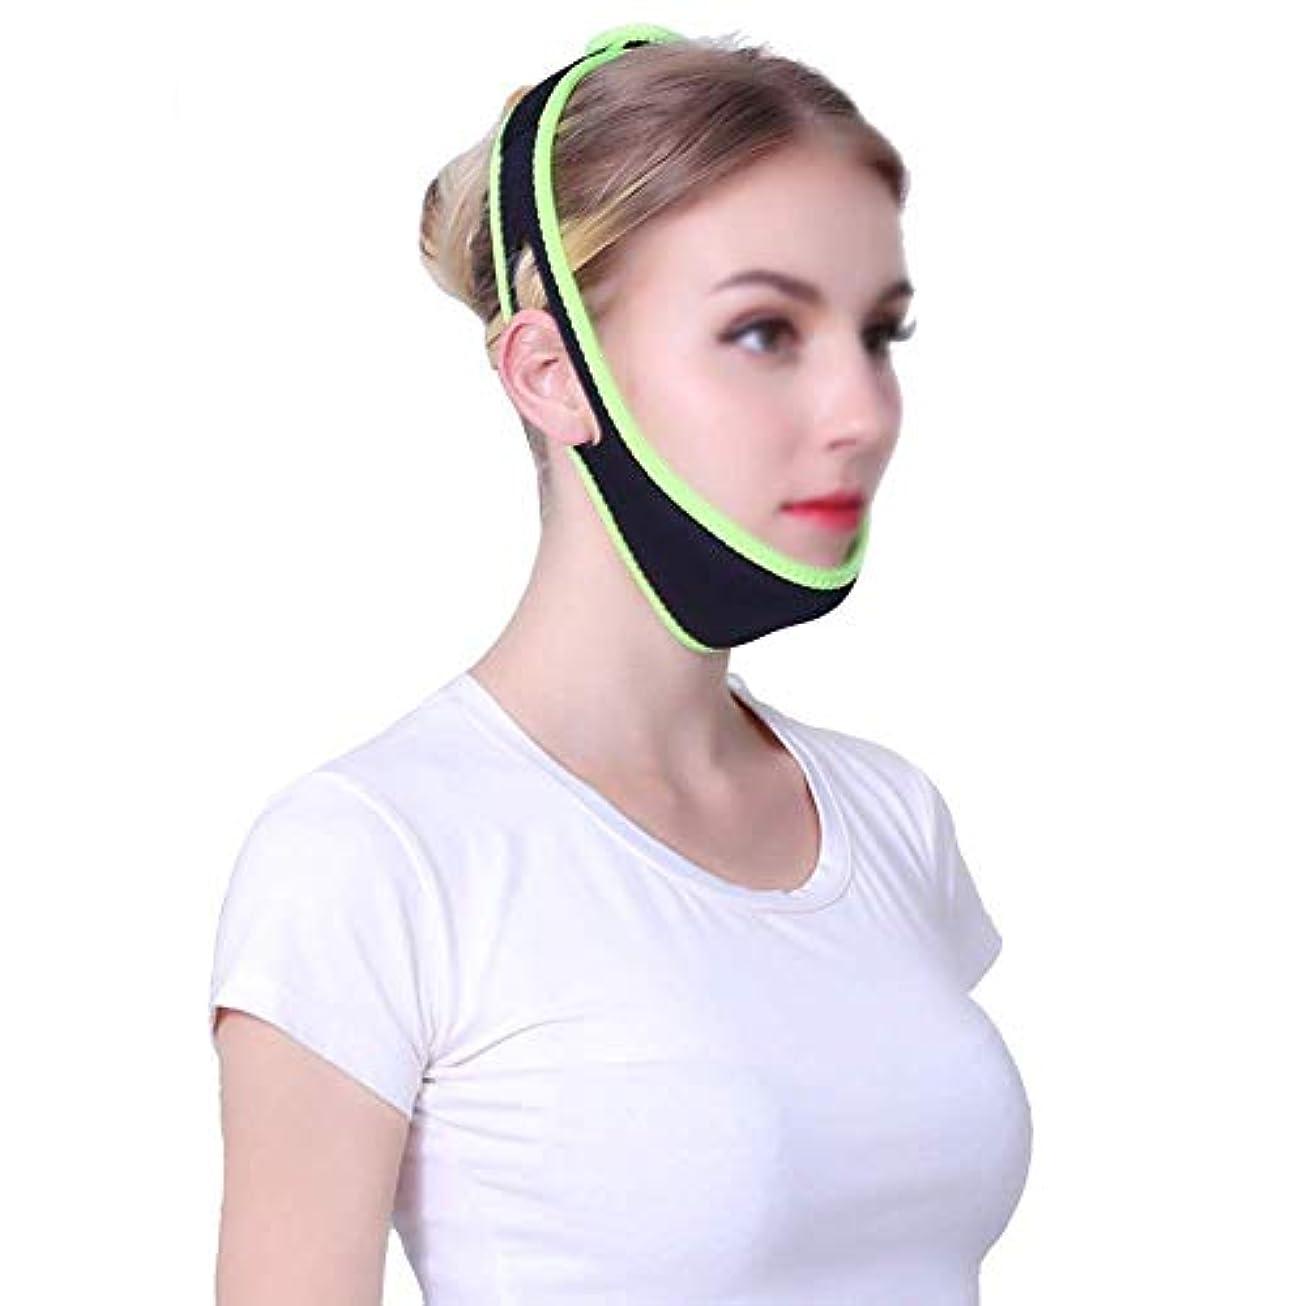 取り囲むエール手引き締めフェイスマスク、小さなVフェイスアーティファクト睡眠リフティングマスク付き薄型フェイスバンデージマスク引き締めクリームフェイスリフトフェイスメロンフェイス楽器